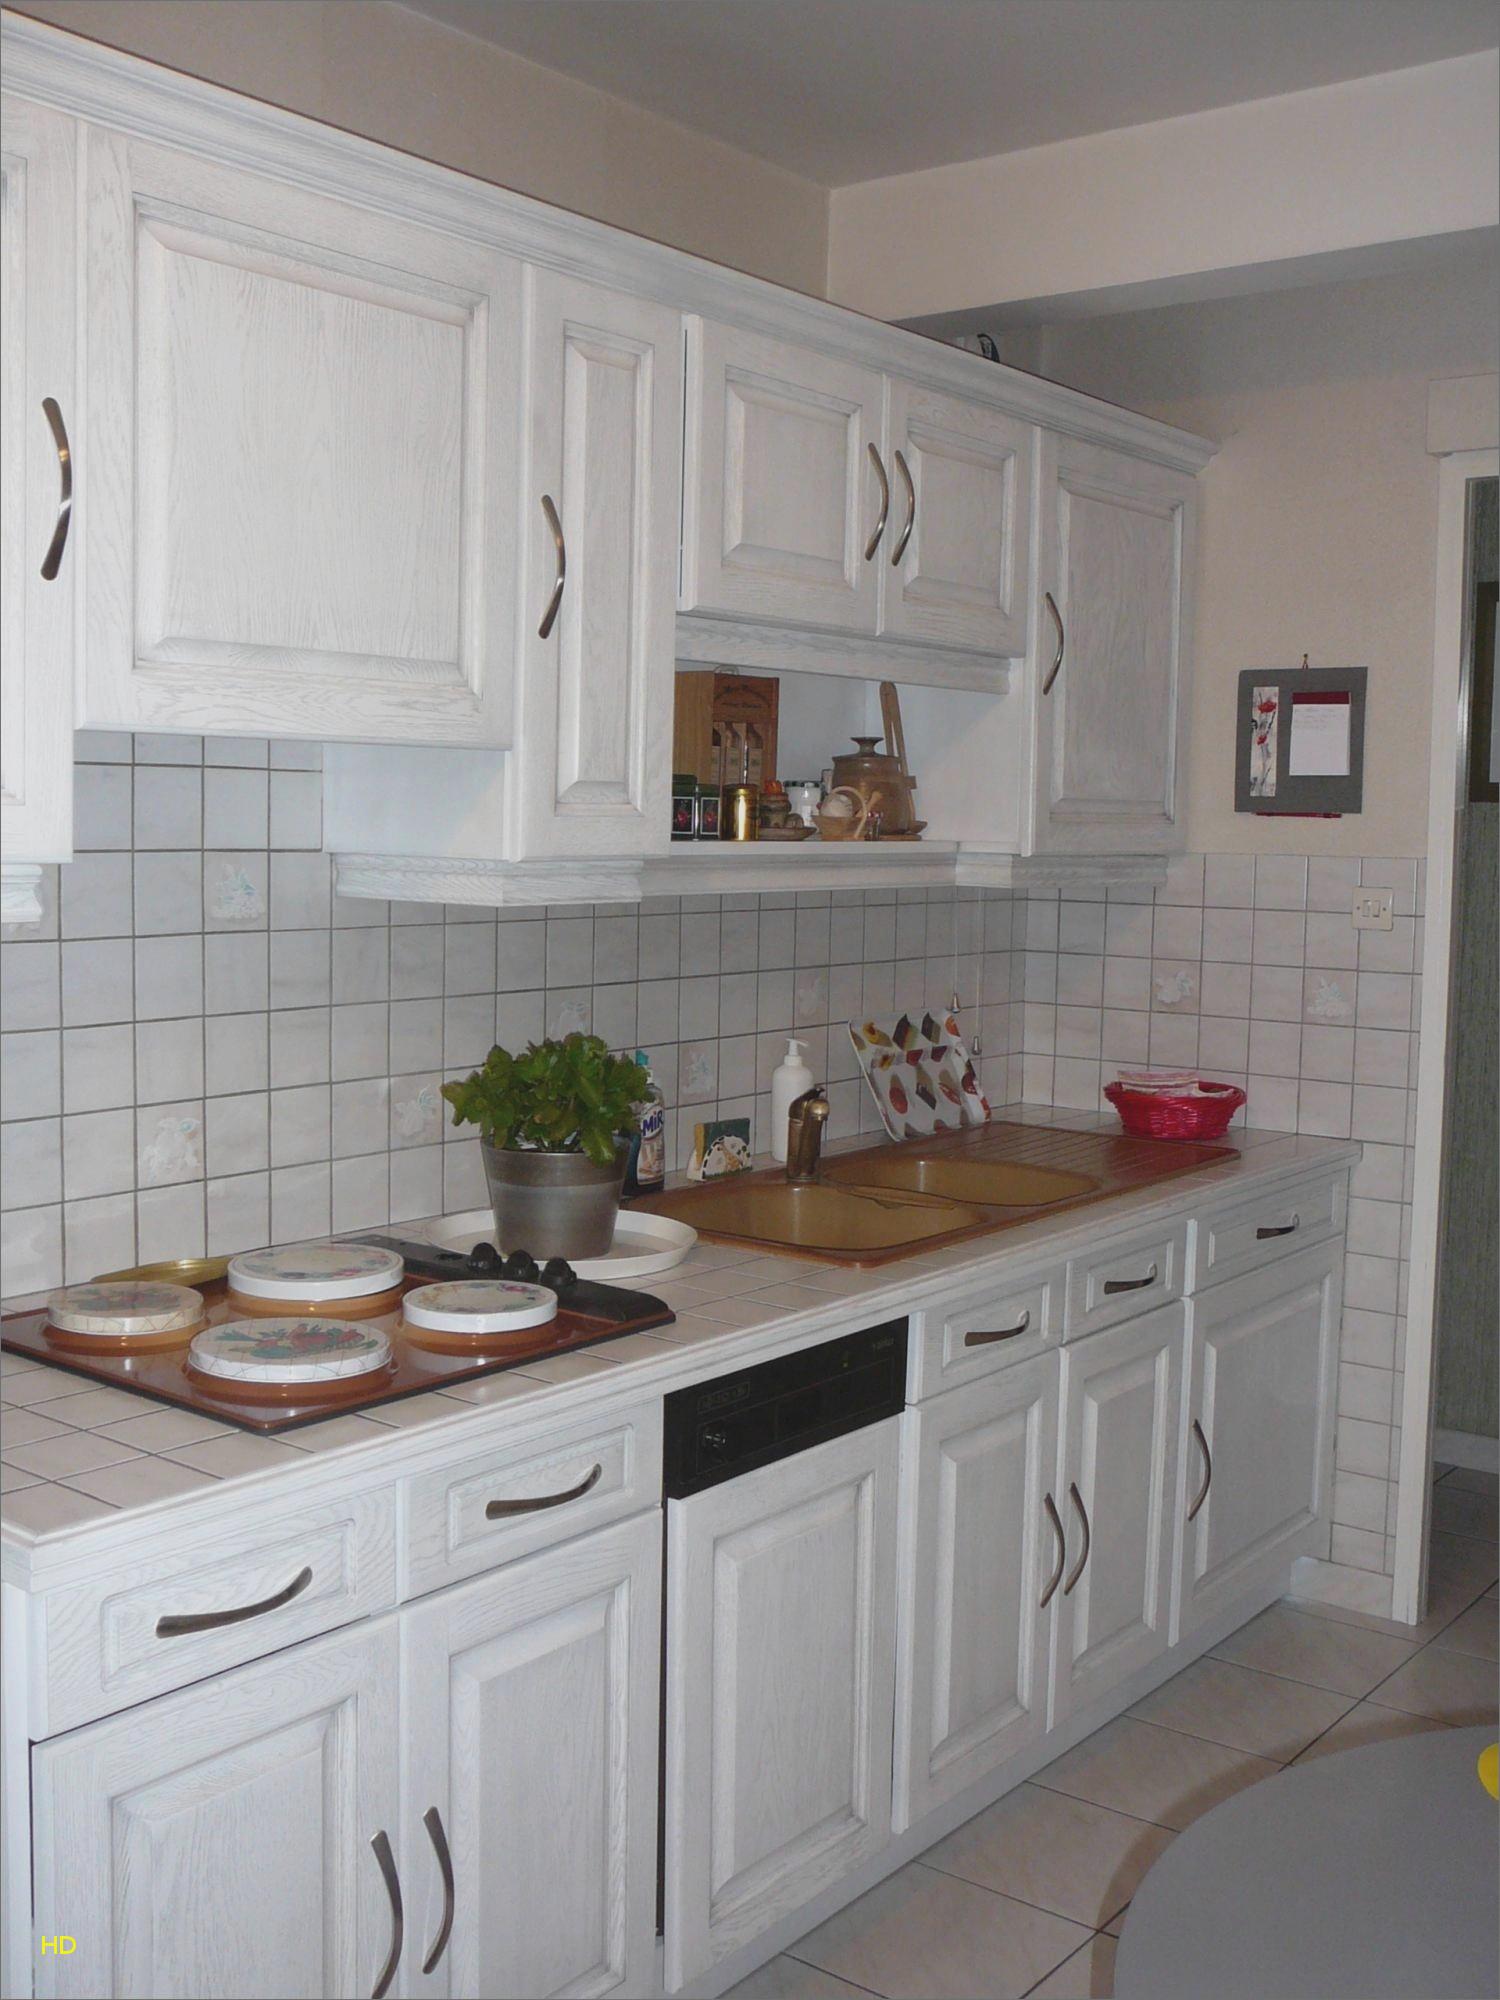 Peindre une cuisine en bois ch ne - Comment peindre une cuisine en bois ...